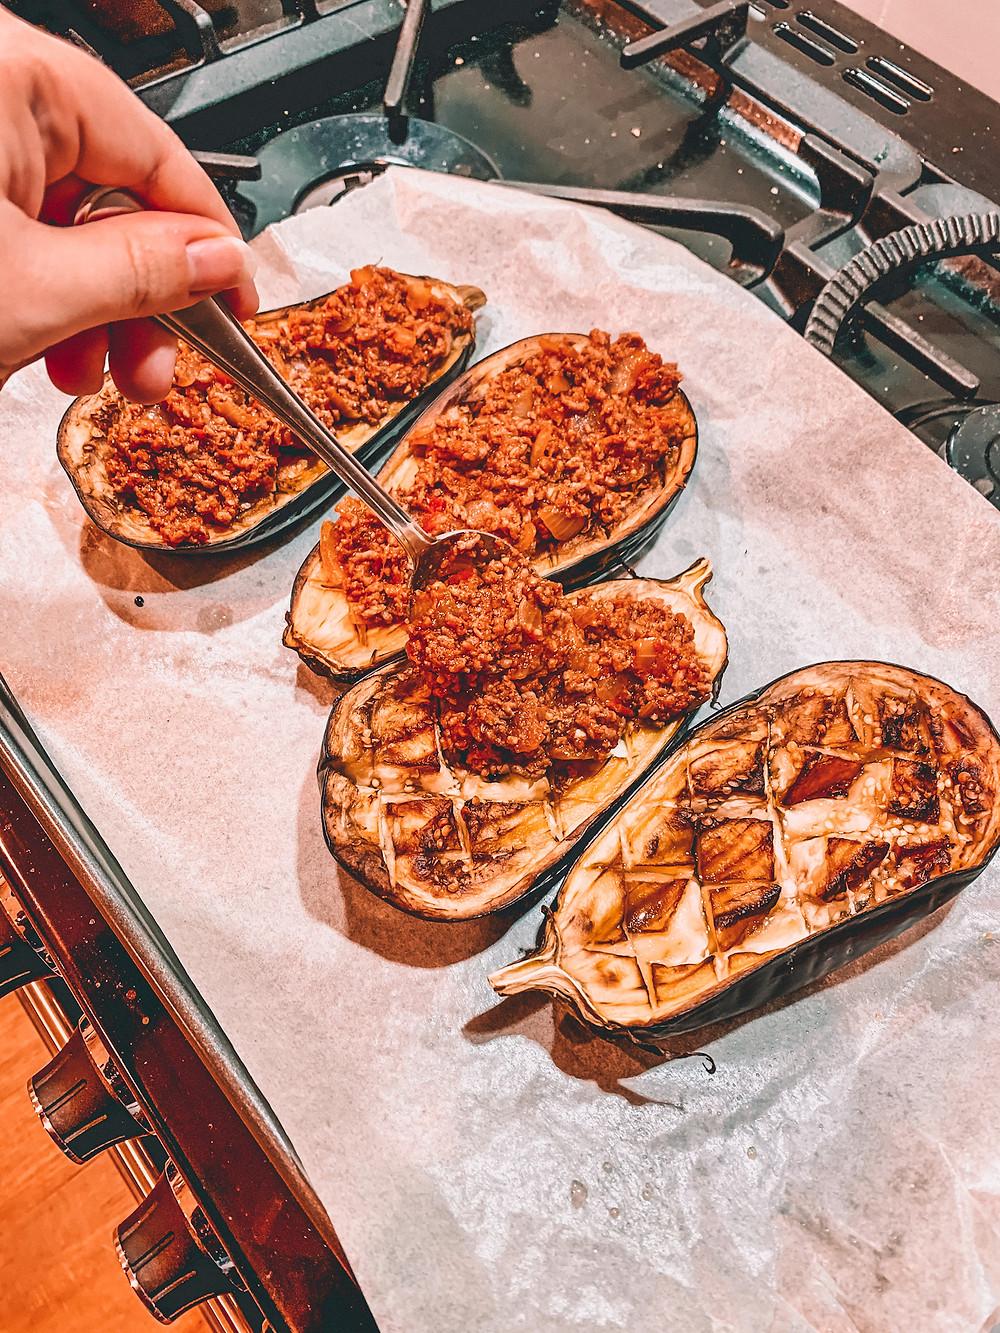 Spooning mince onto roasted eggplants